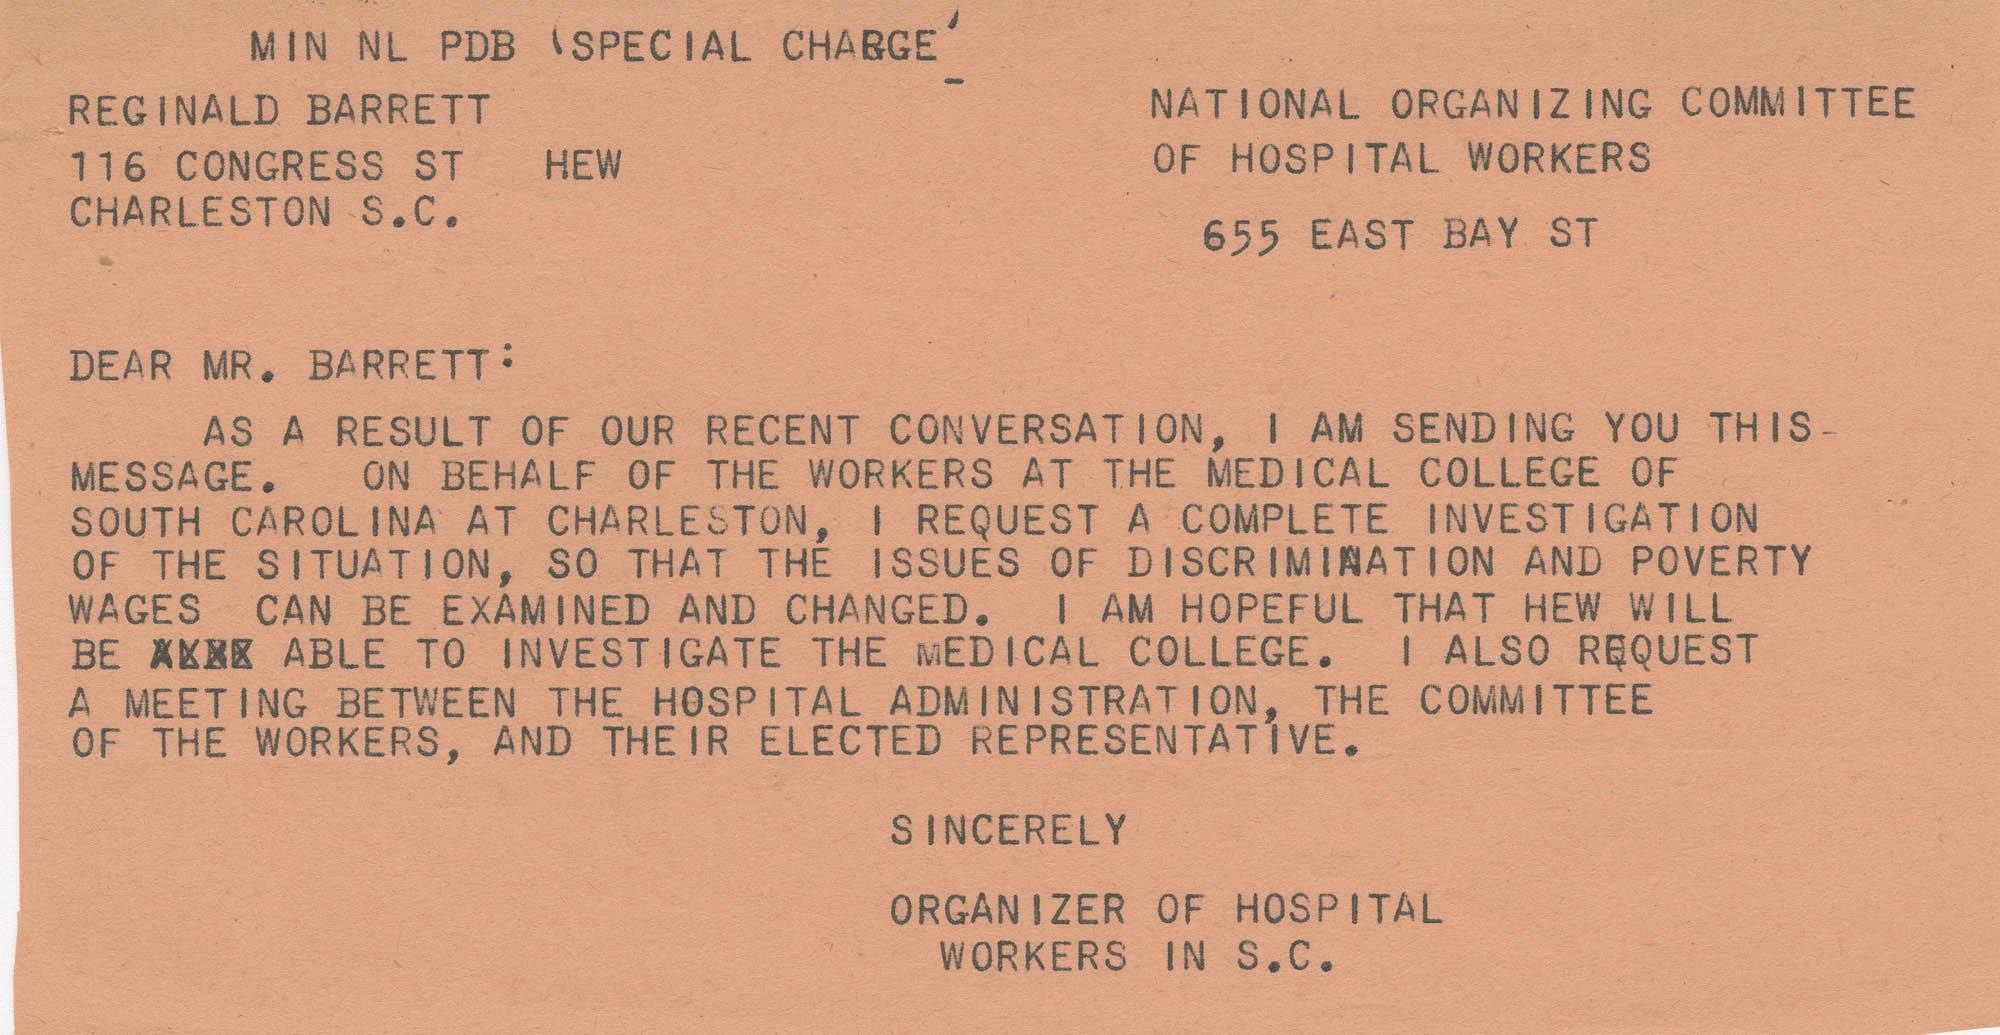 Telegram to Reginald Barrett from Isaiah Bennett